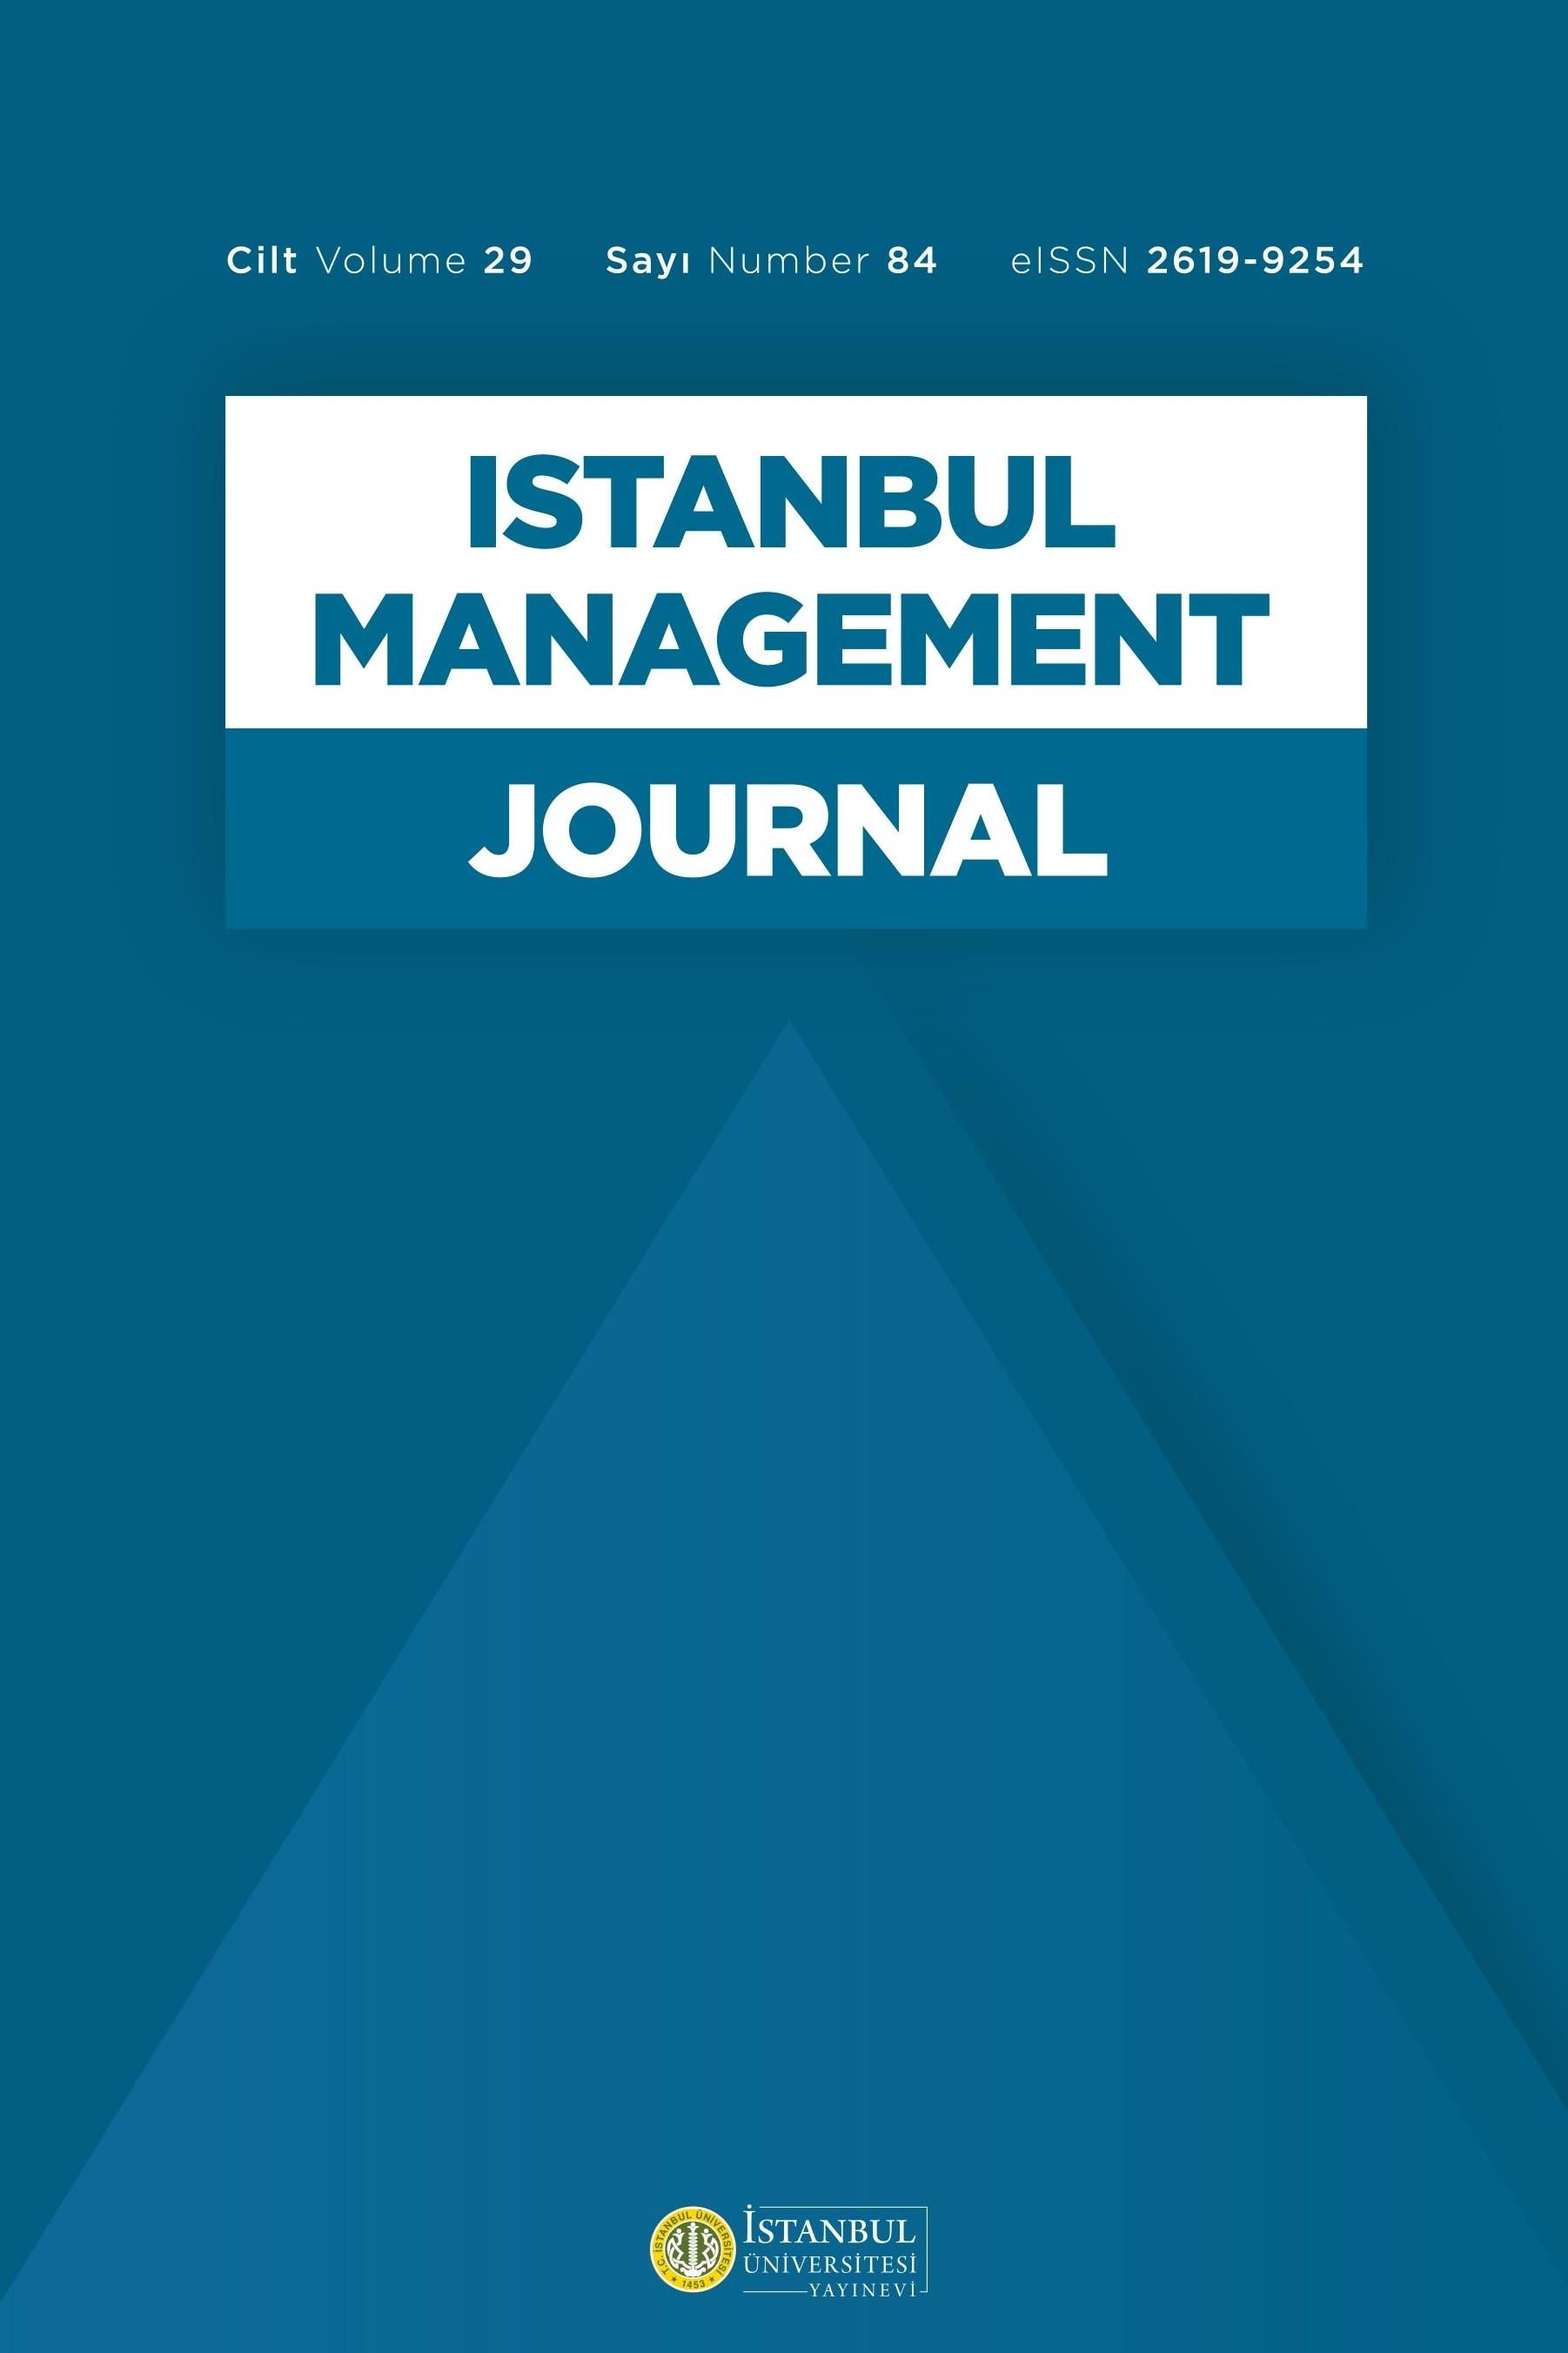 İstanbul Üniversitesi İşletme Fakültesi İşletme İktisadı Enstitüsü Yönetim Dergisi